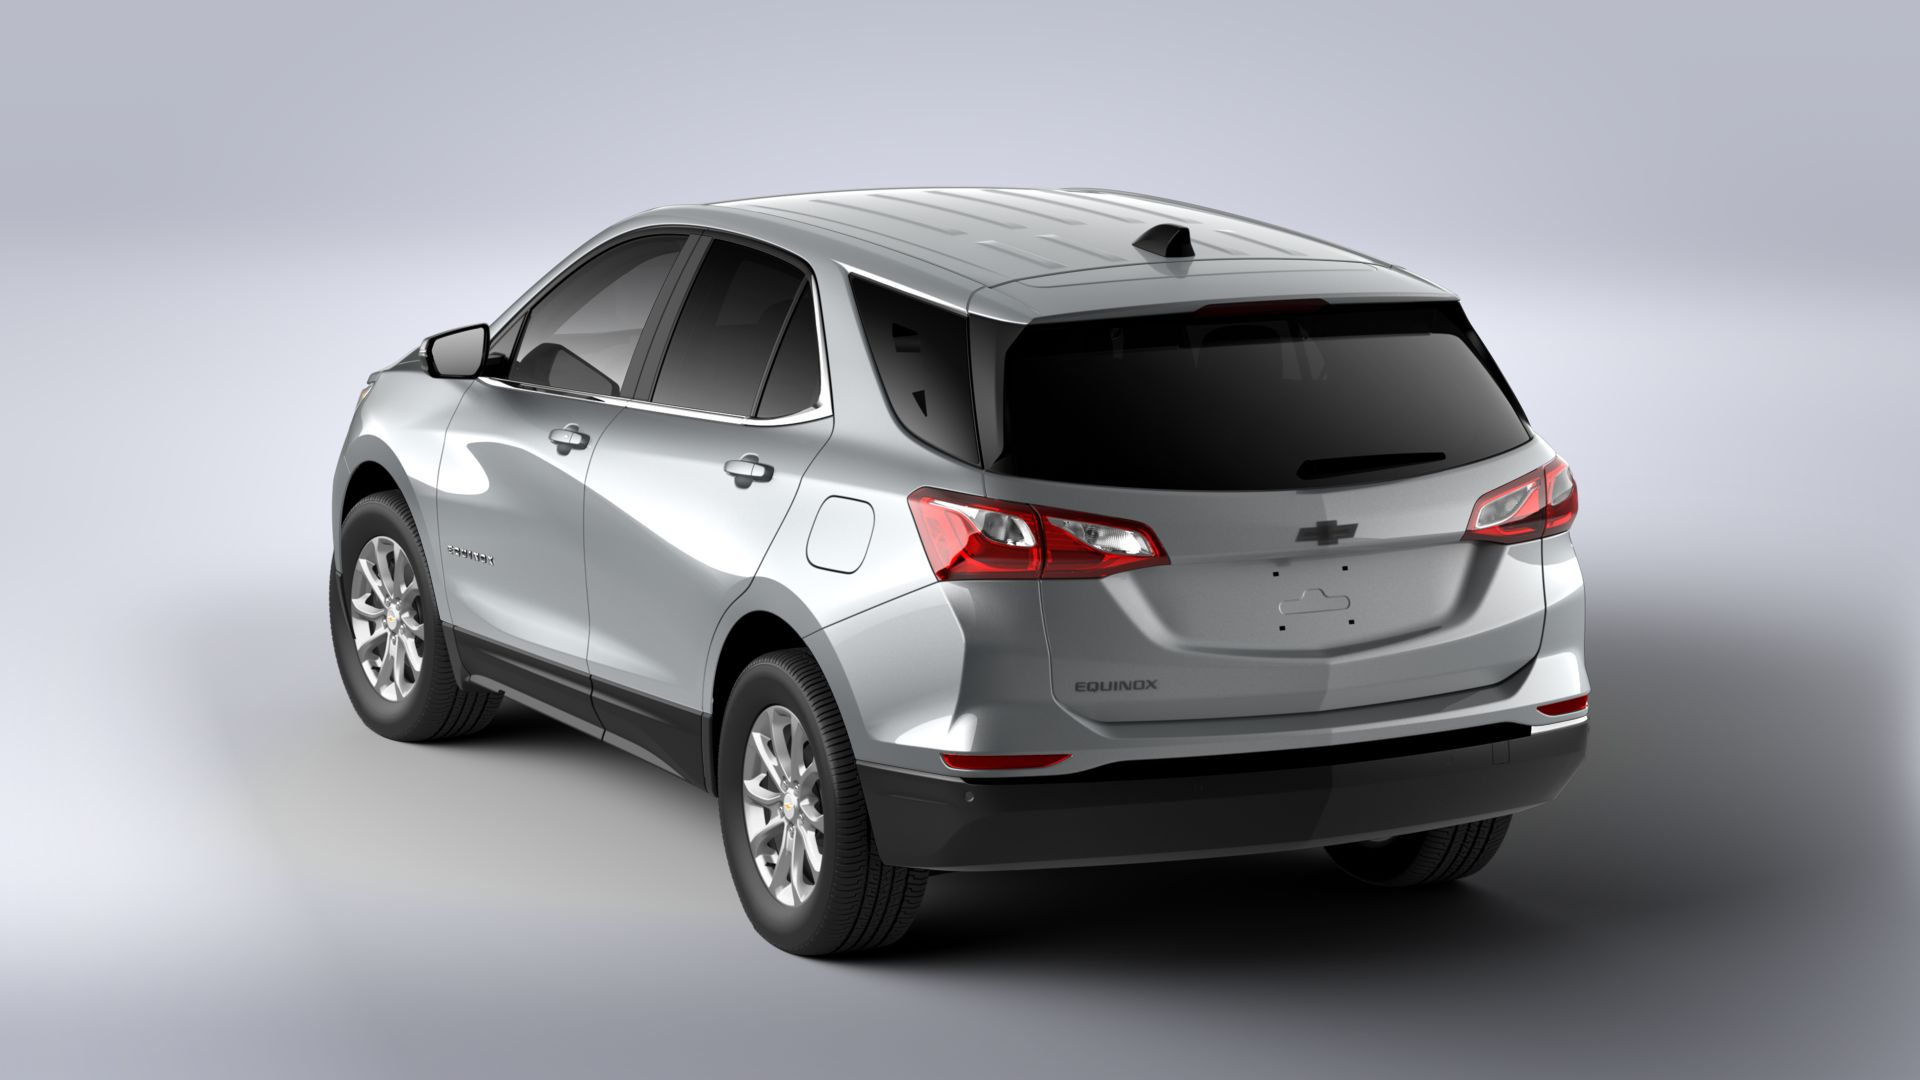 2021 Chevrolet Equinox 1LT